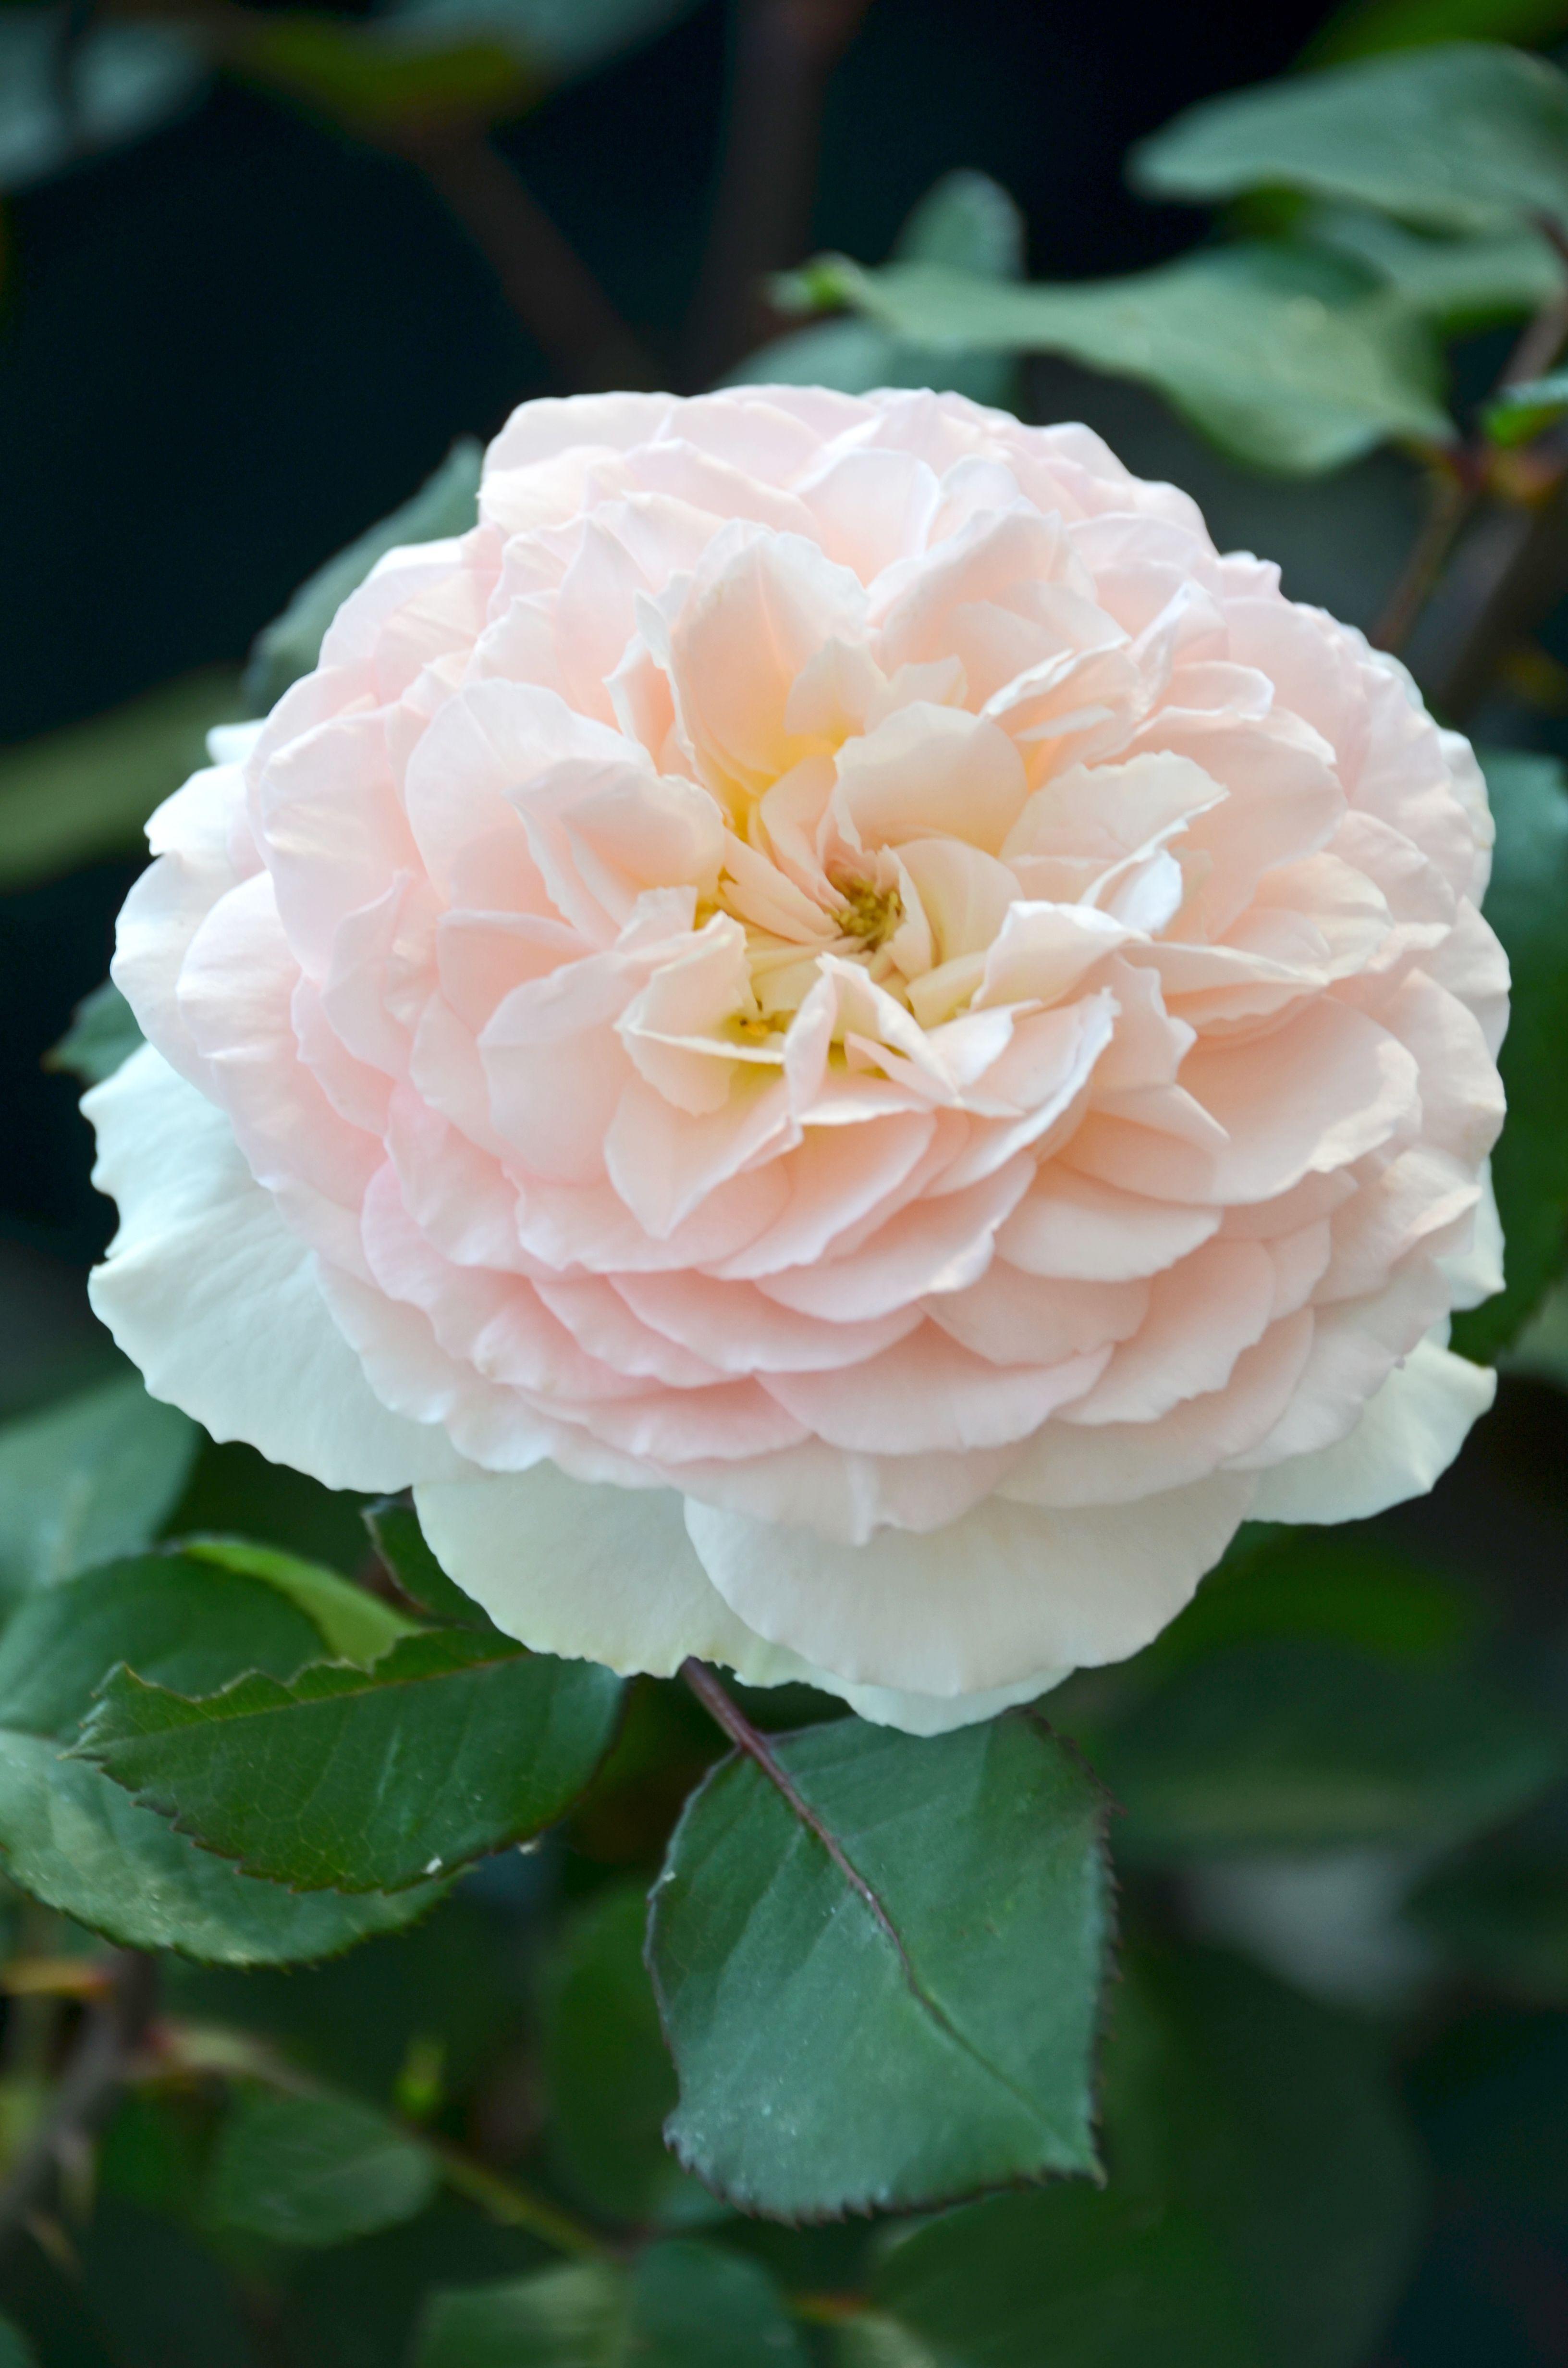 Rose Un Mondo Di Profumi Emozioni E Meraviglia Rose